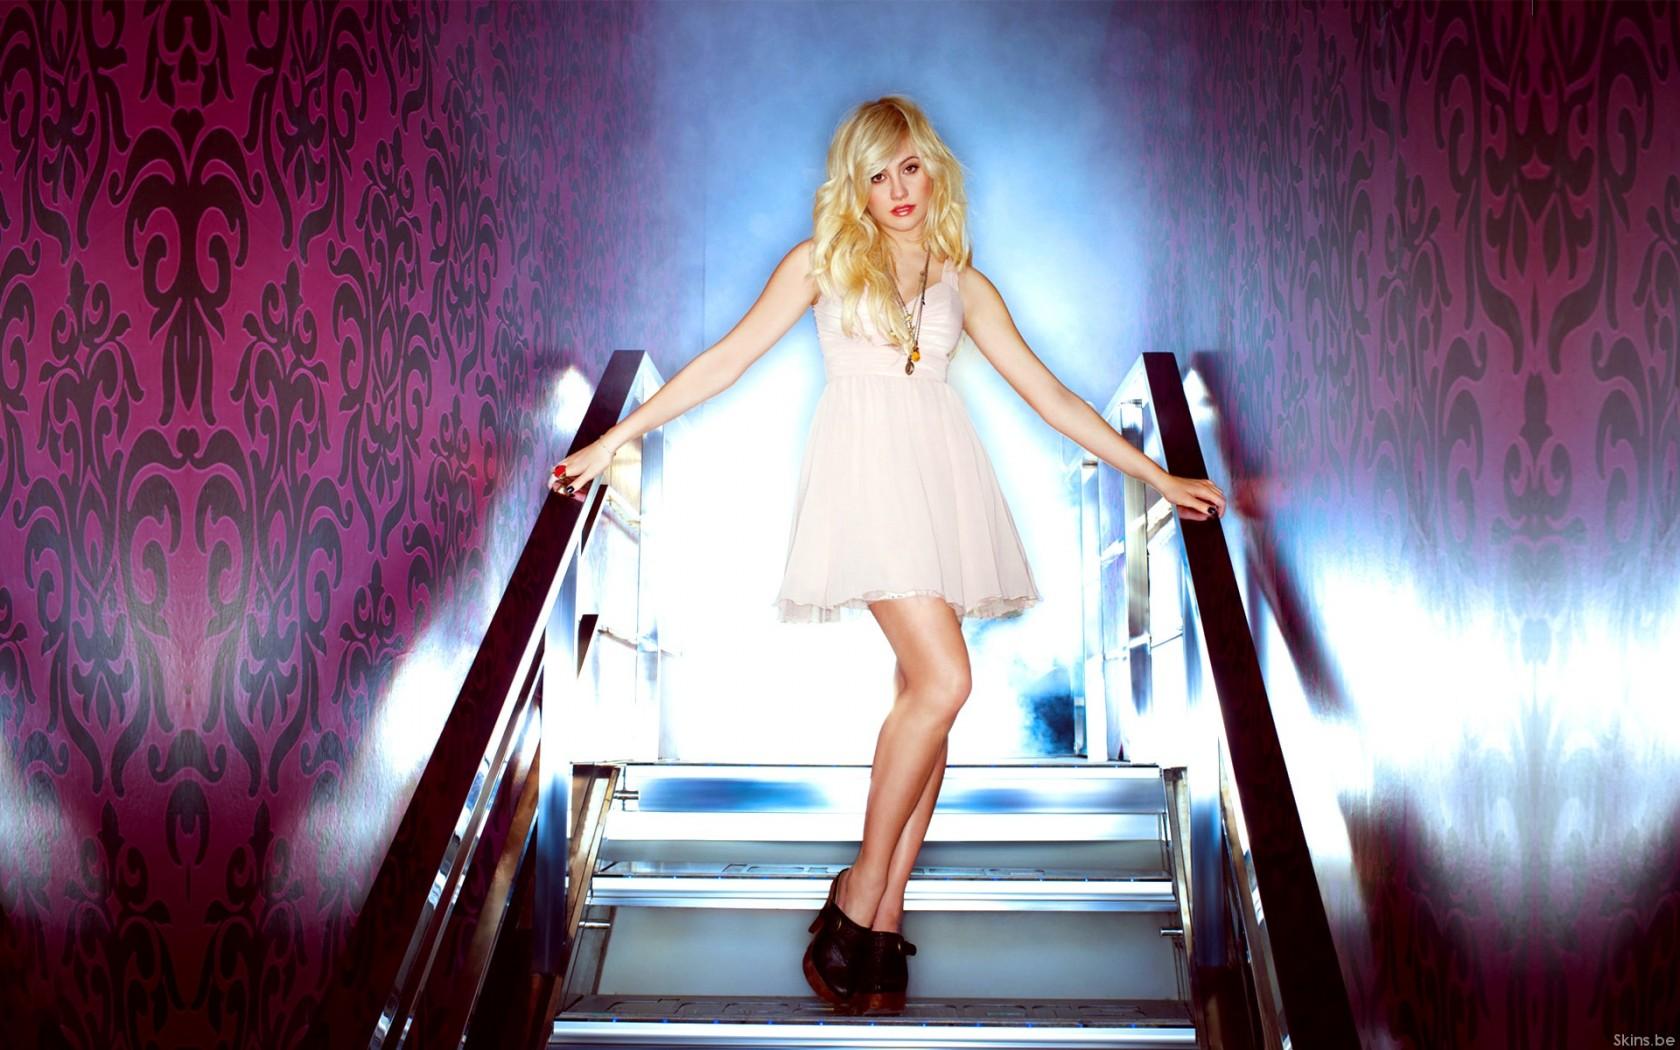 Трахнул на ступеньках, Мимолетный секс на лестнице » Порно онлайн в хорошем 7 фотография